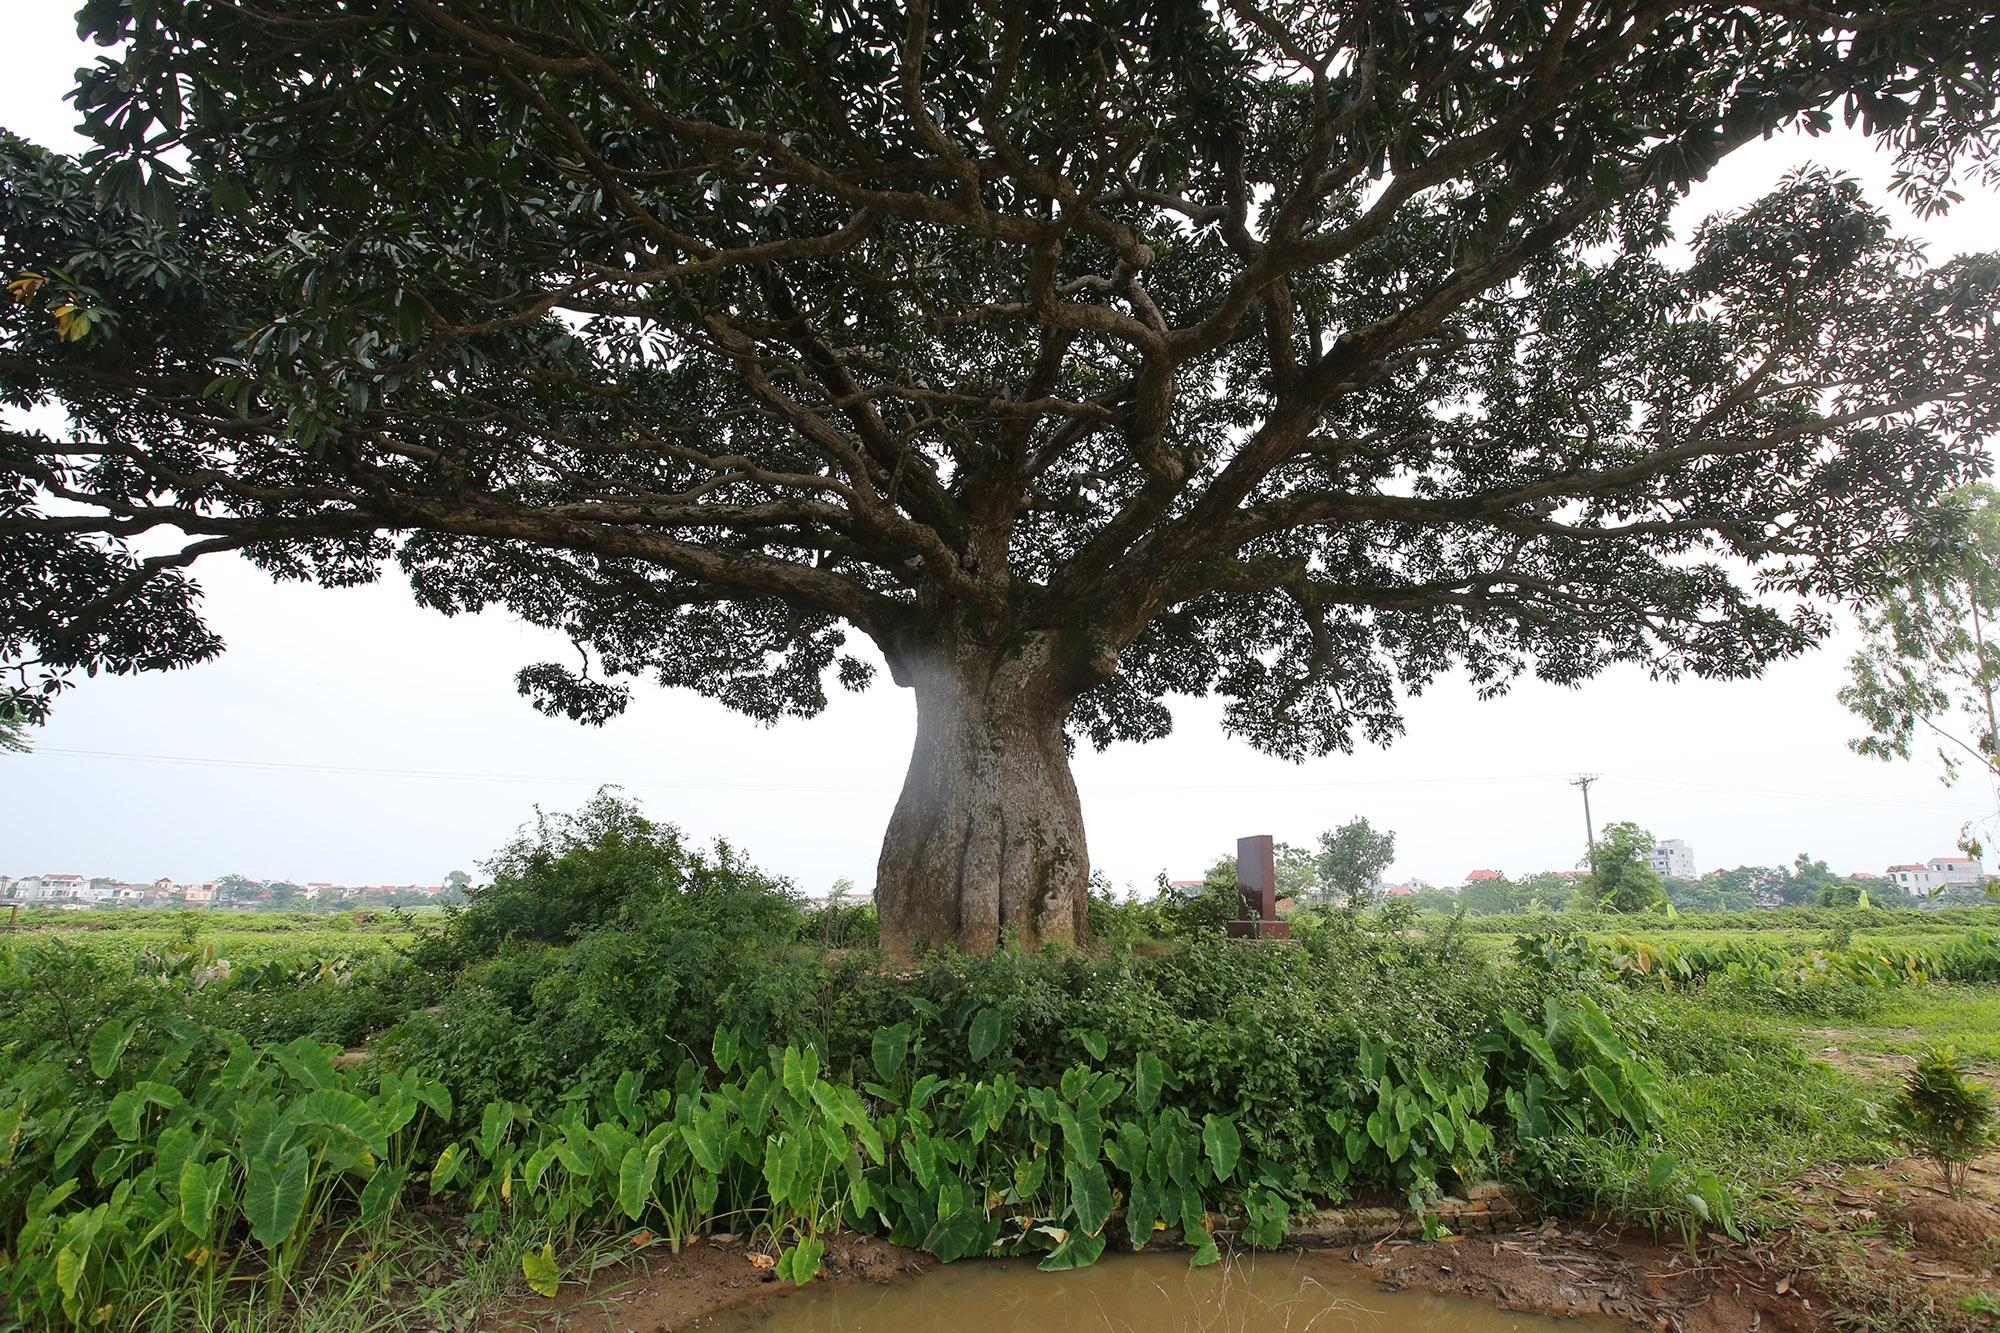 Hà Nội: Cây trôi cô đơn nghìn năm tuổi, báu vật của làng Bình Đà - 2